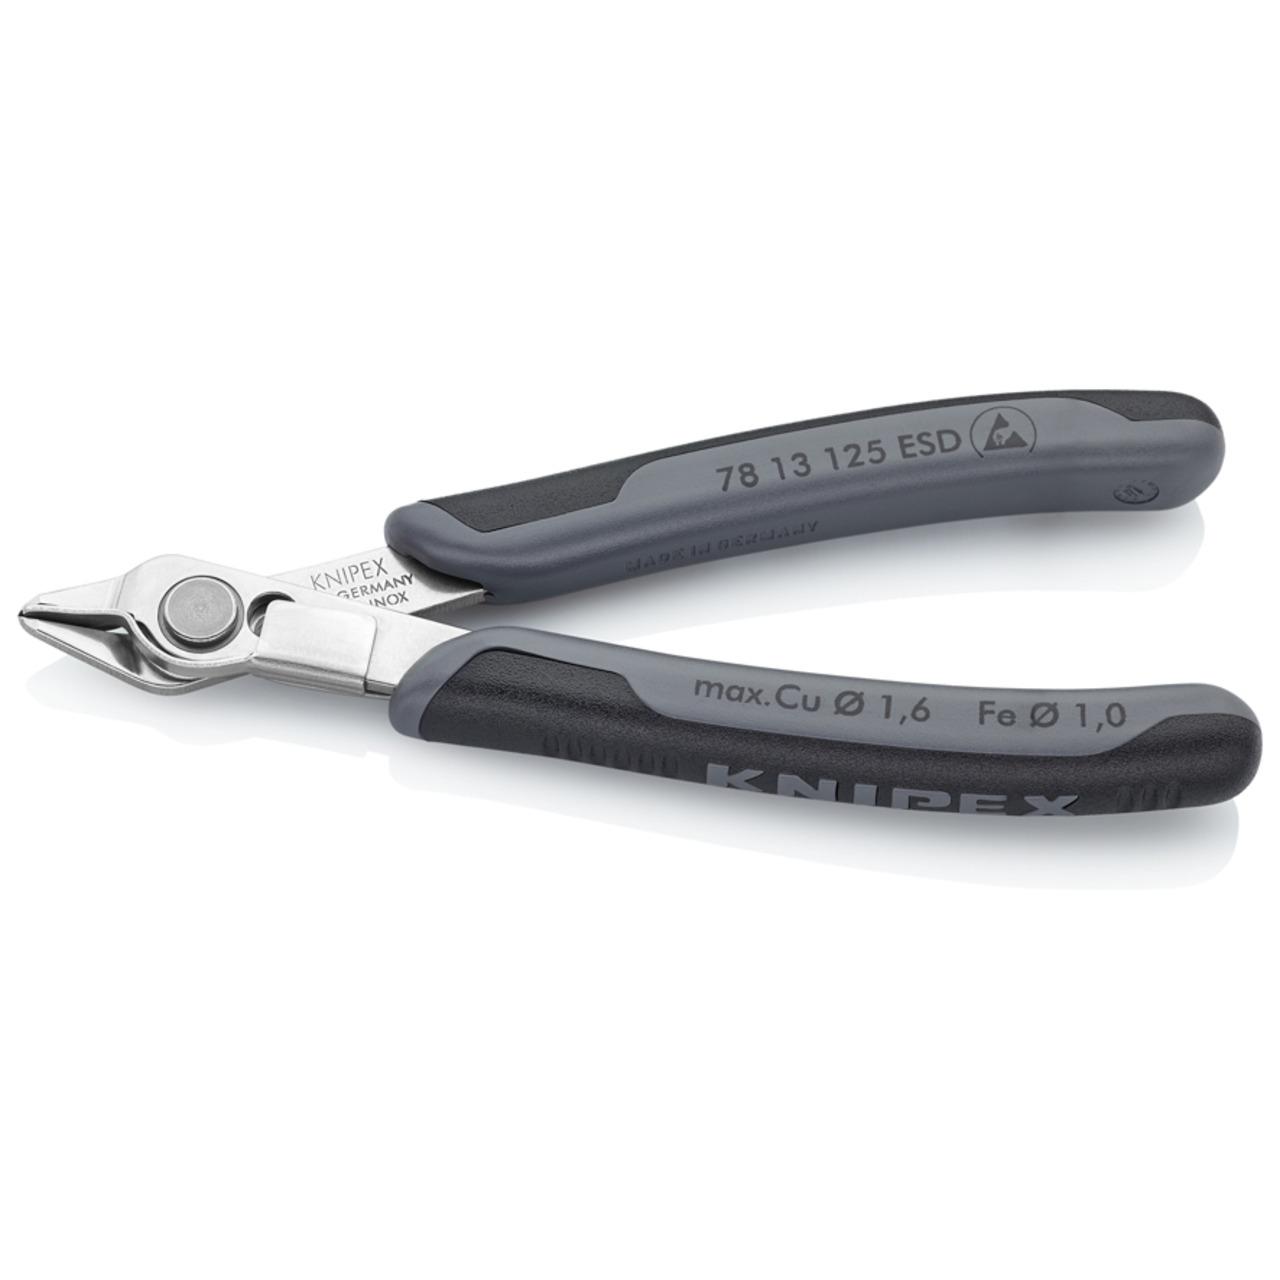 Knipex Super Knips ESD Seitenschneider